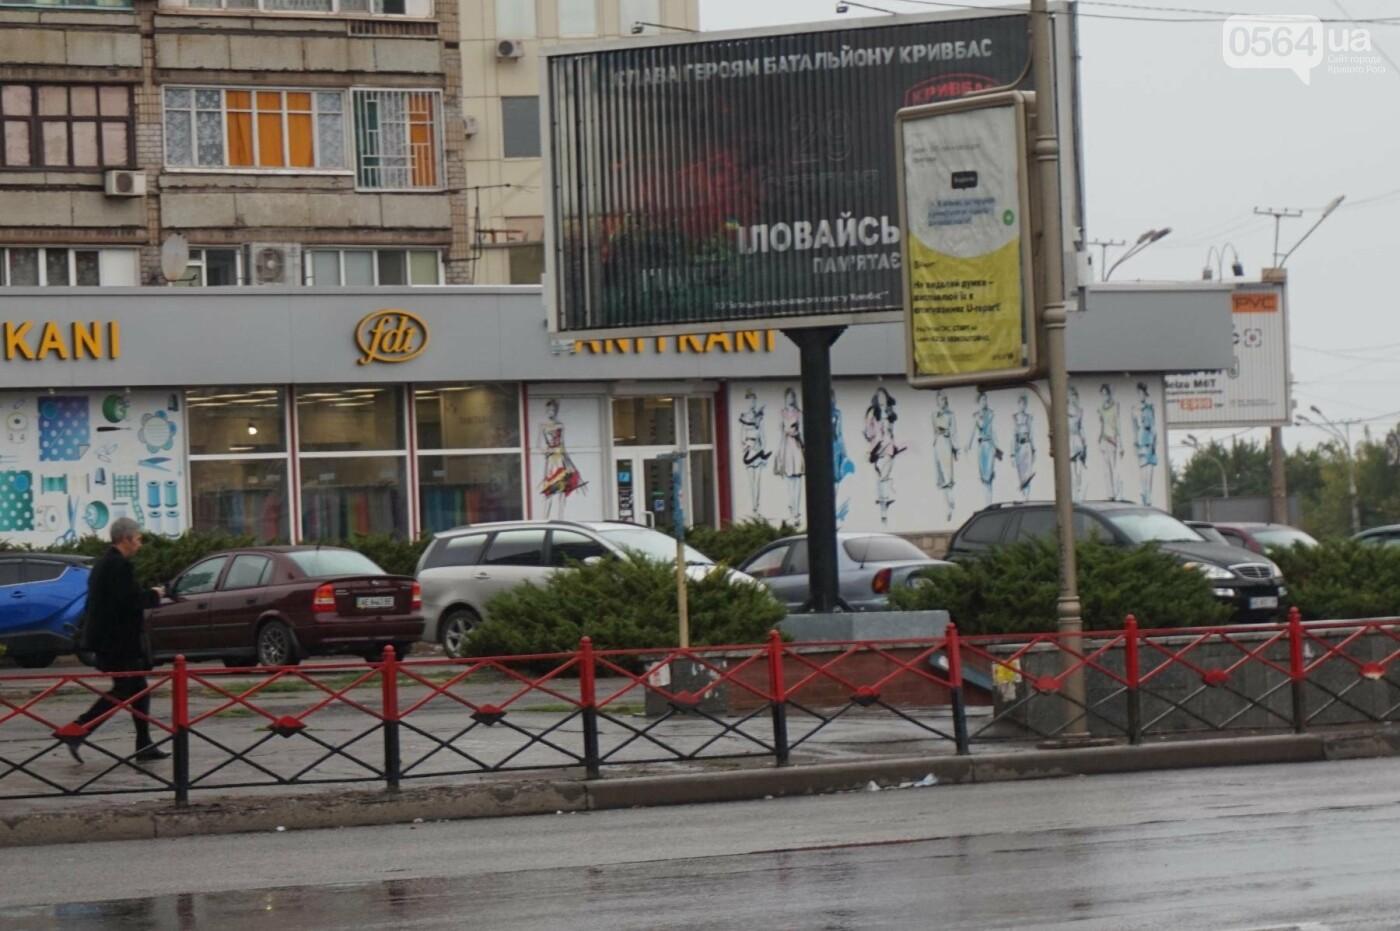 Центр Кривого Рога раскрашивают в красно-черный и сине-желтый цвета, - ФОТО , фото-3